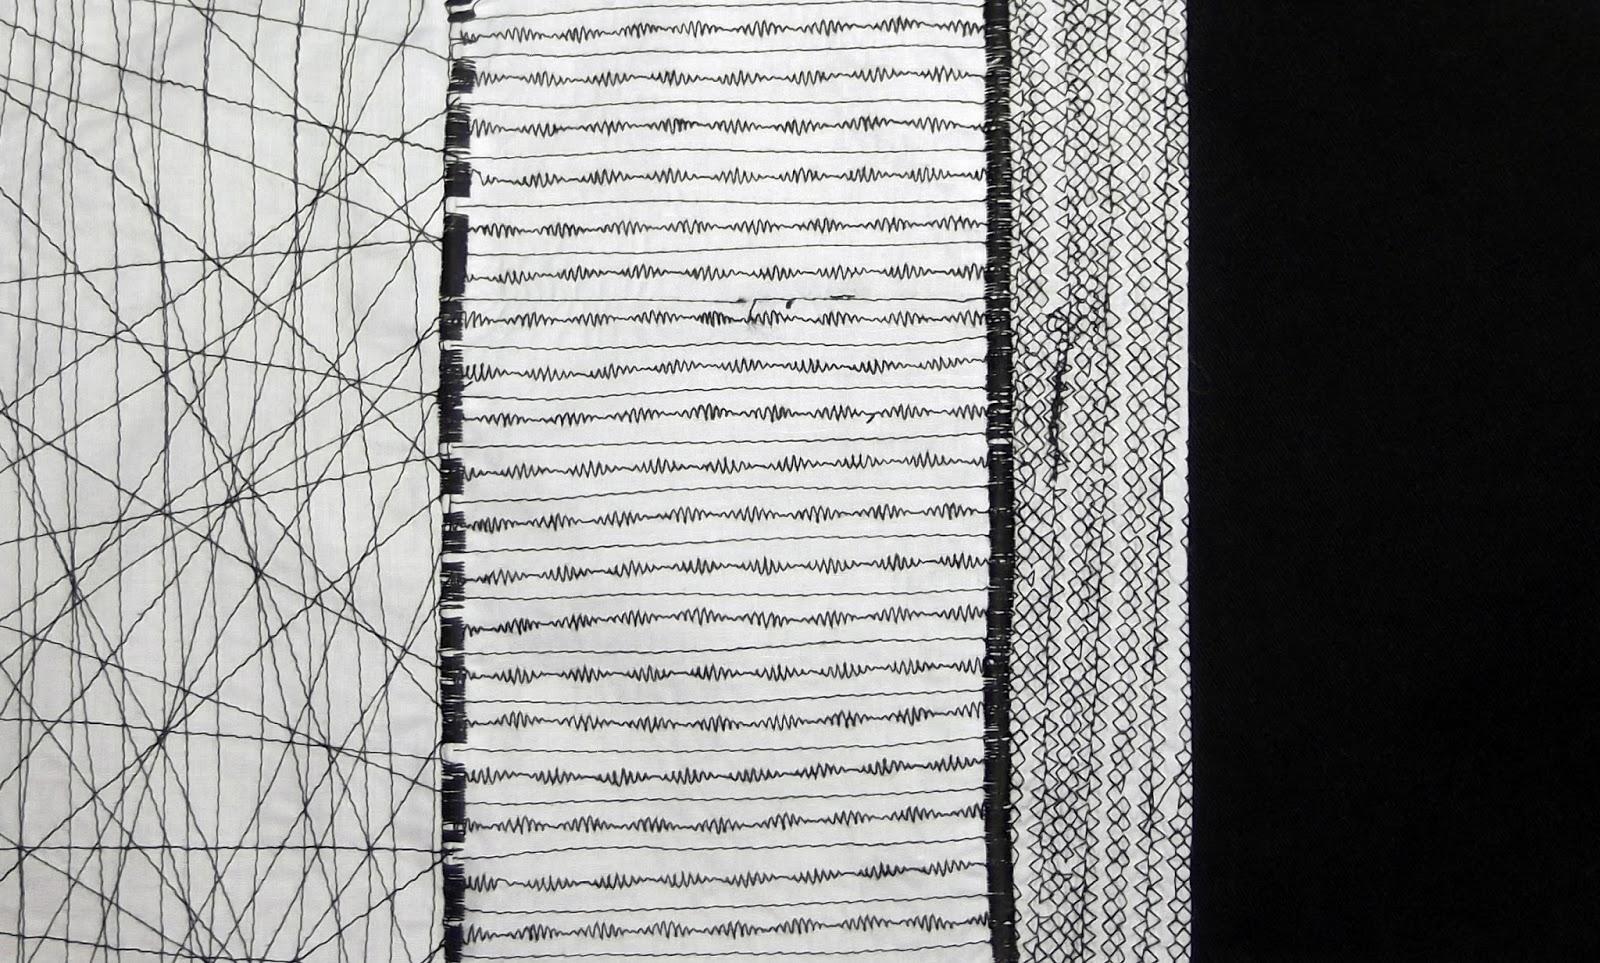 ασπρόμαυρο patchwork, patchwork φωτογραφίες,